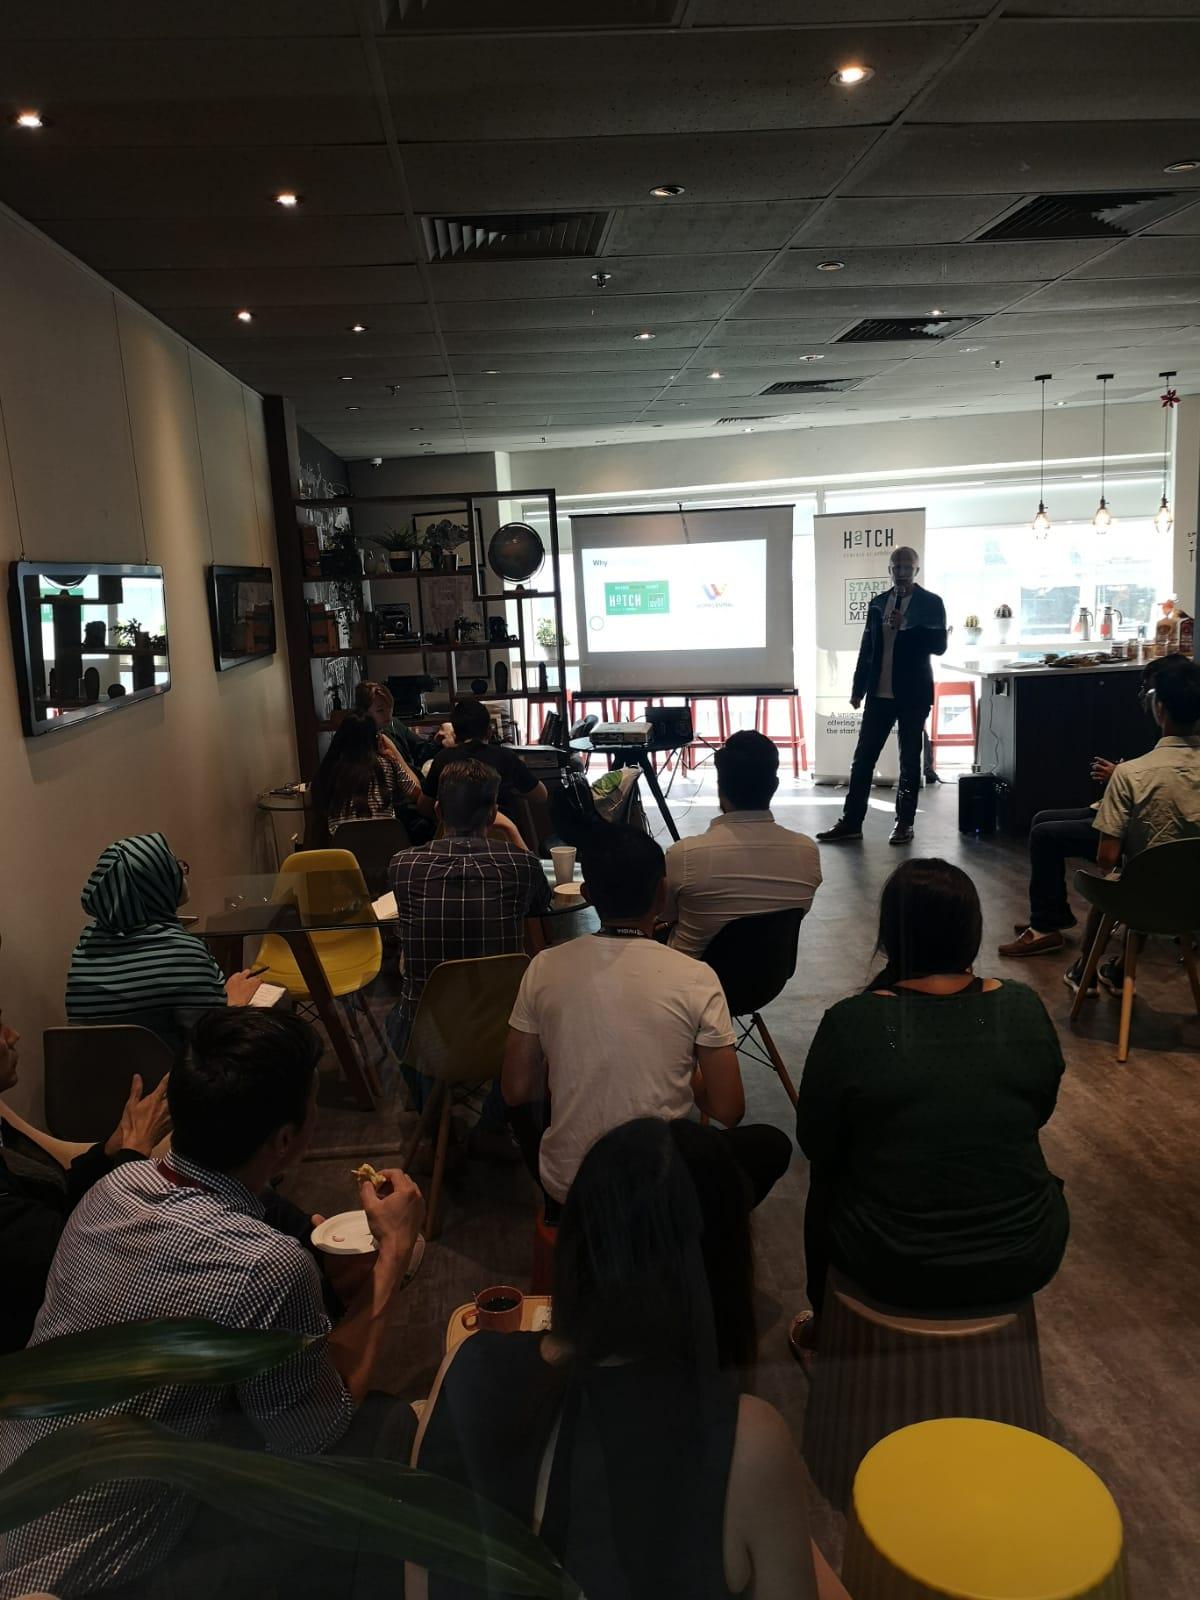 Coworking Singapore Workcentral Hatch Ben Munroe 2.jpg